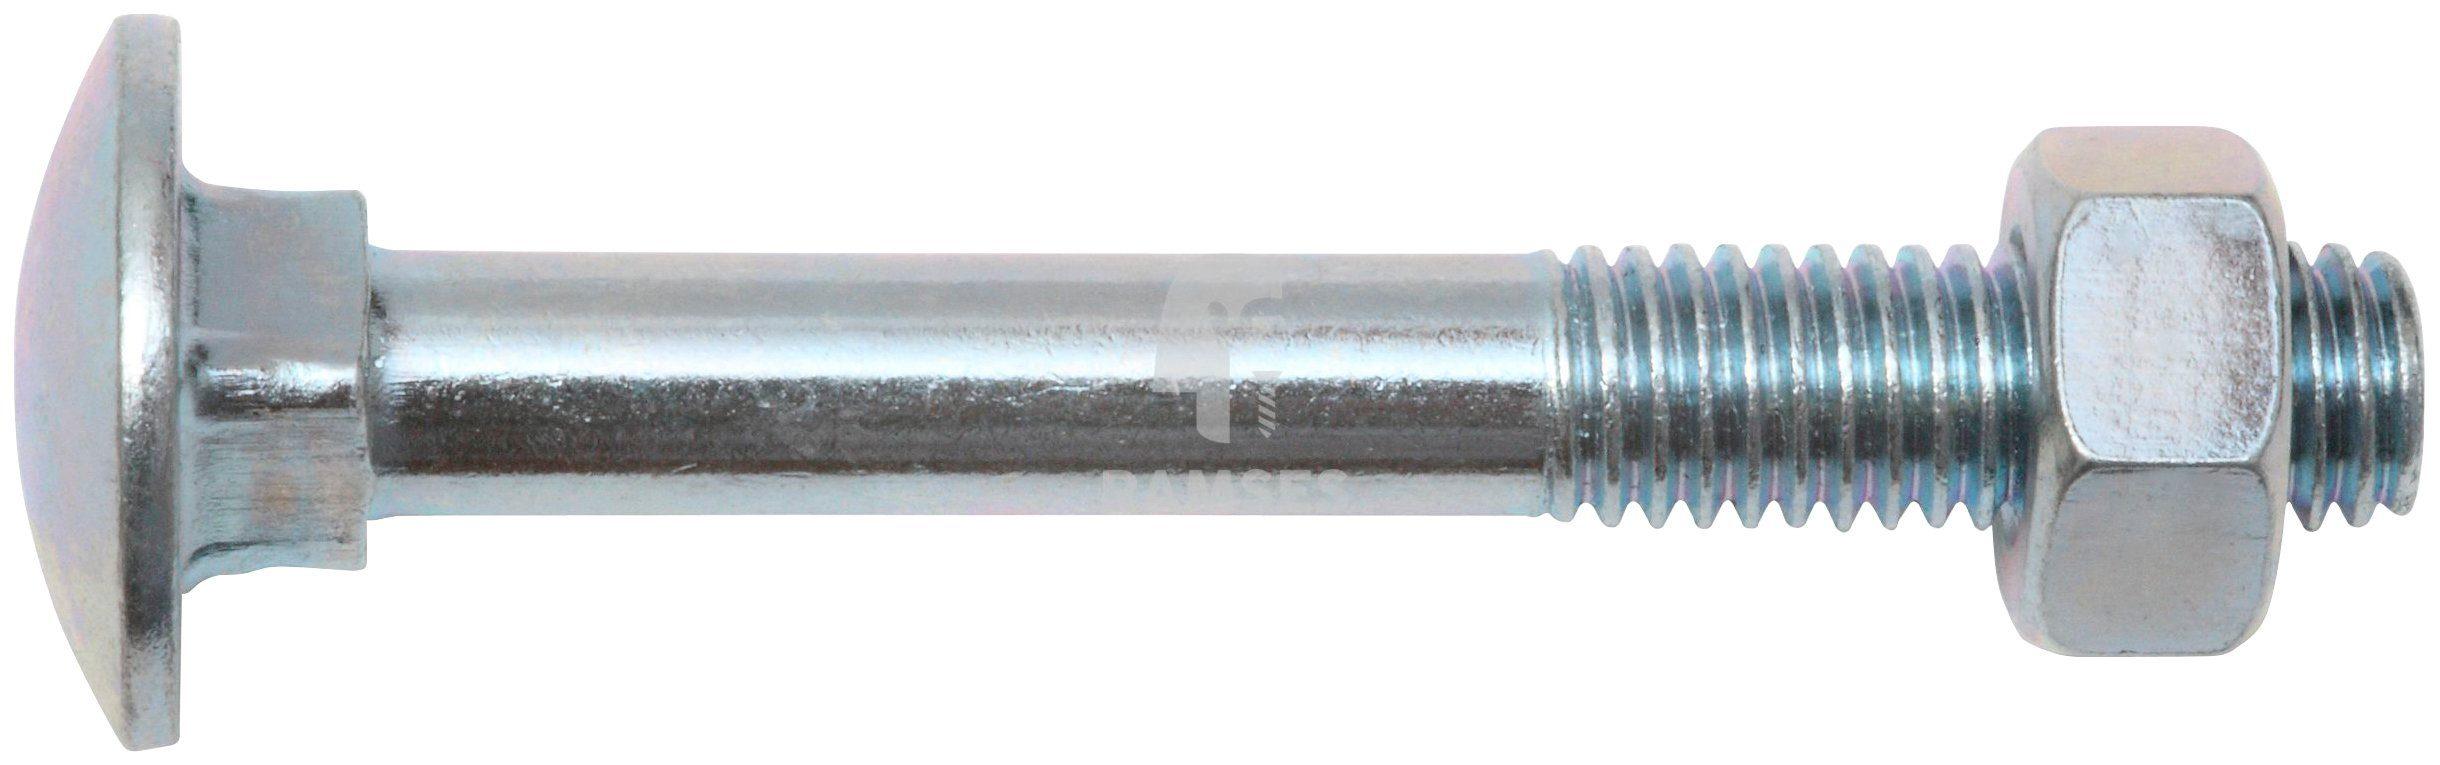 RAMSES Schrauben , Schlossschraube mit Mutter M10 x 100 mm 10 Stk.